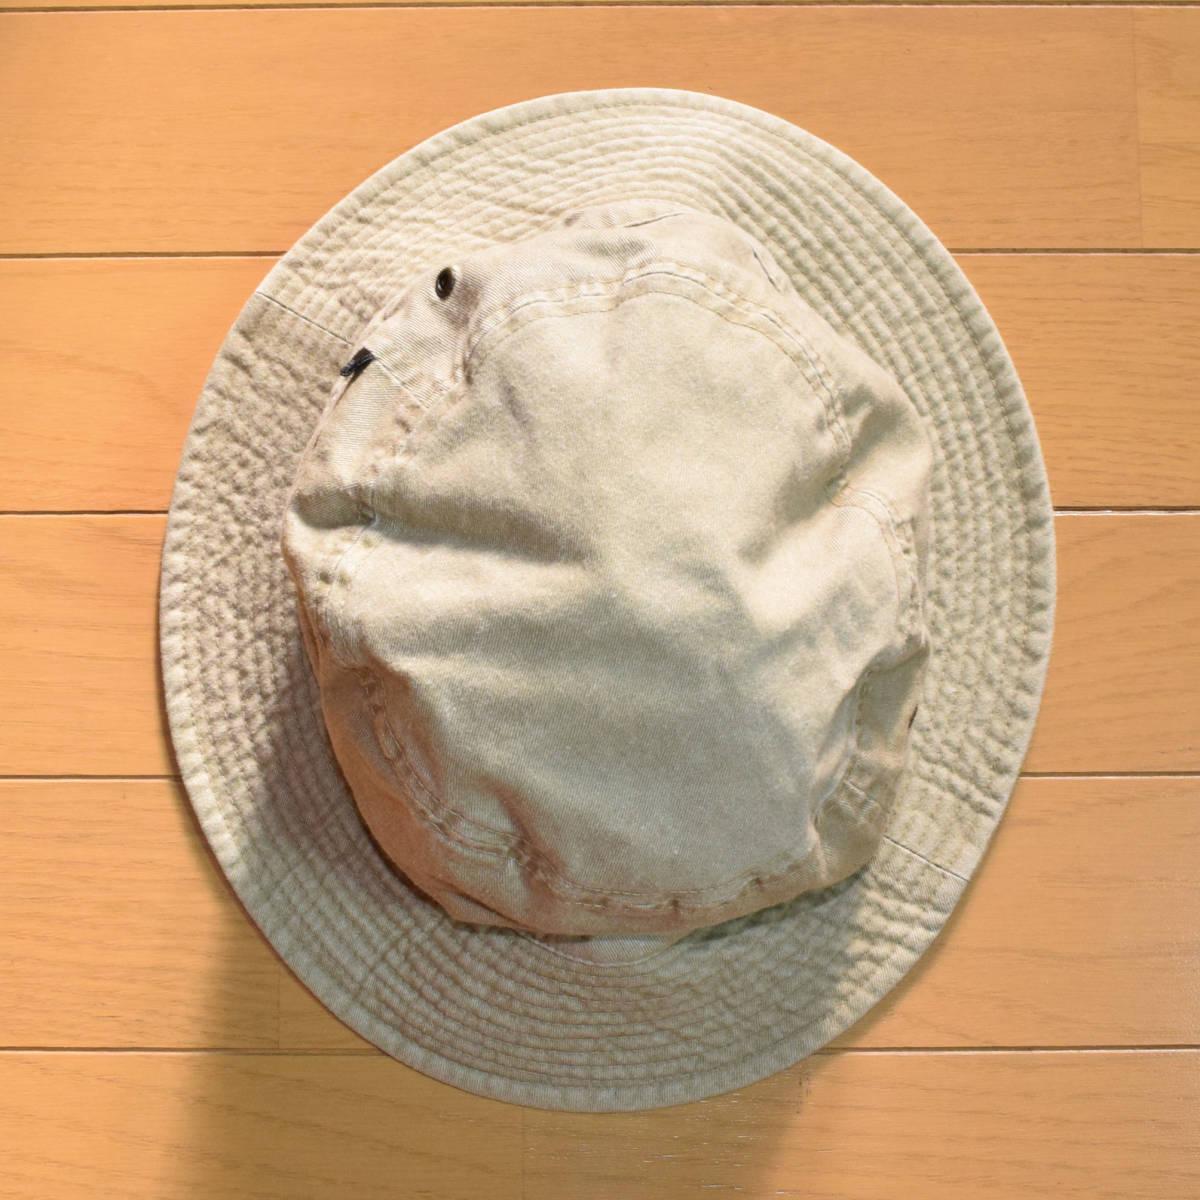 正規品◆送料無料◆春夏◆美品◆希少◆MONCLER モンクレール◆バケットハット・帽子◆アウトドア・登山_画像5